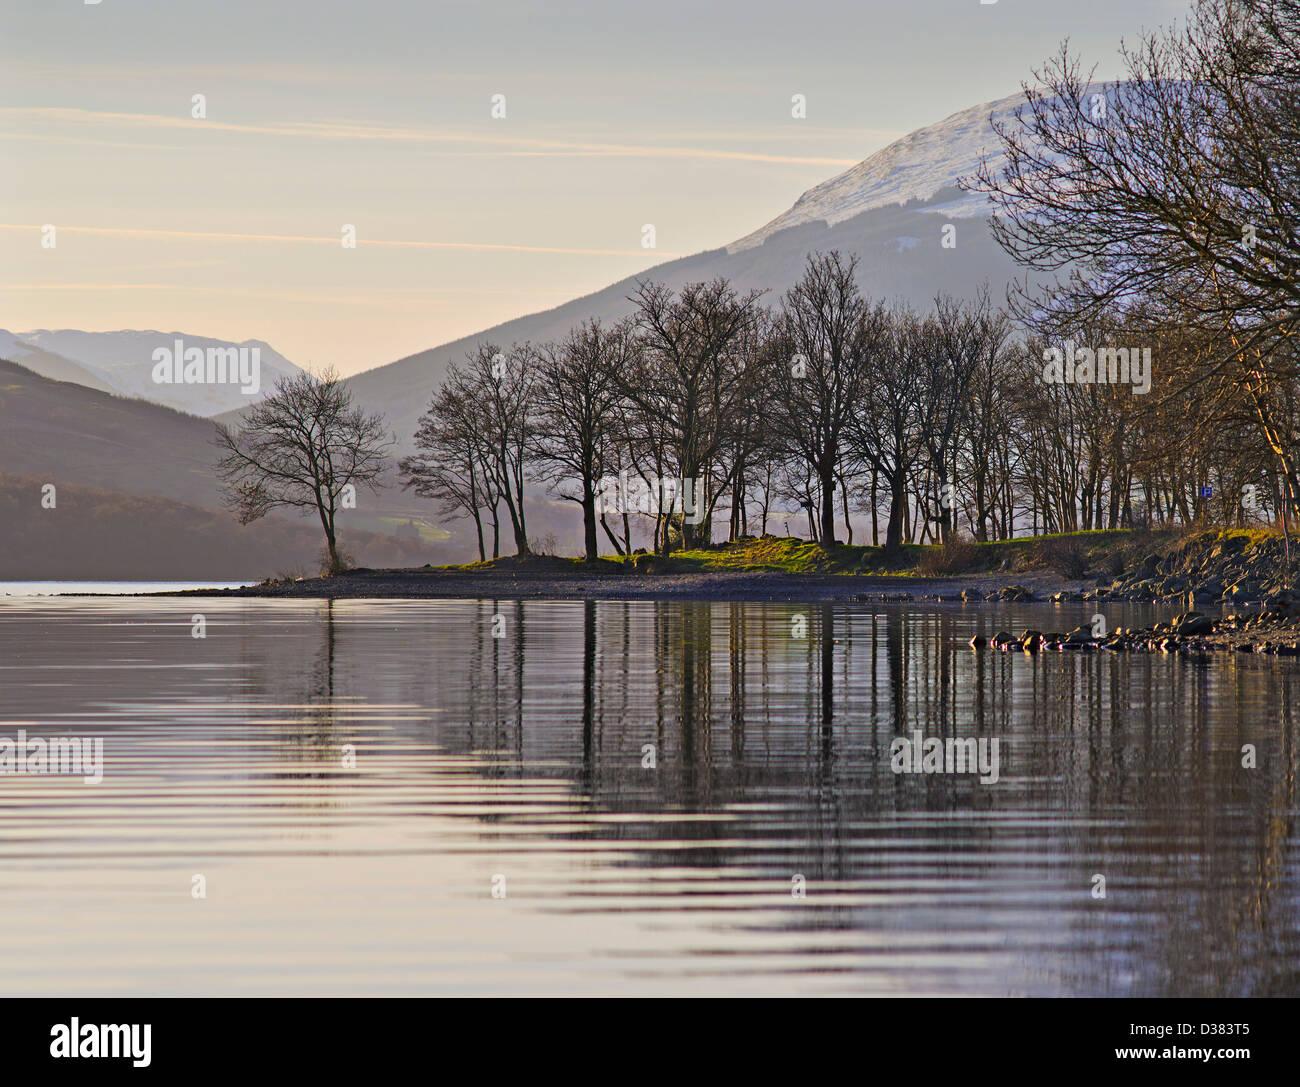 Loch Earn mit Silhouette Landzunge und Bäume mit entfernten Hügeln, Perthshire, Schottland Stockbild